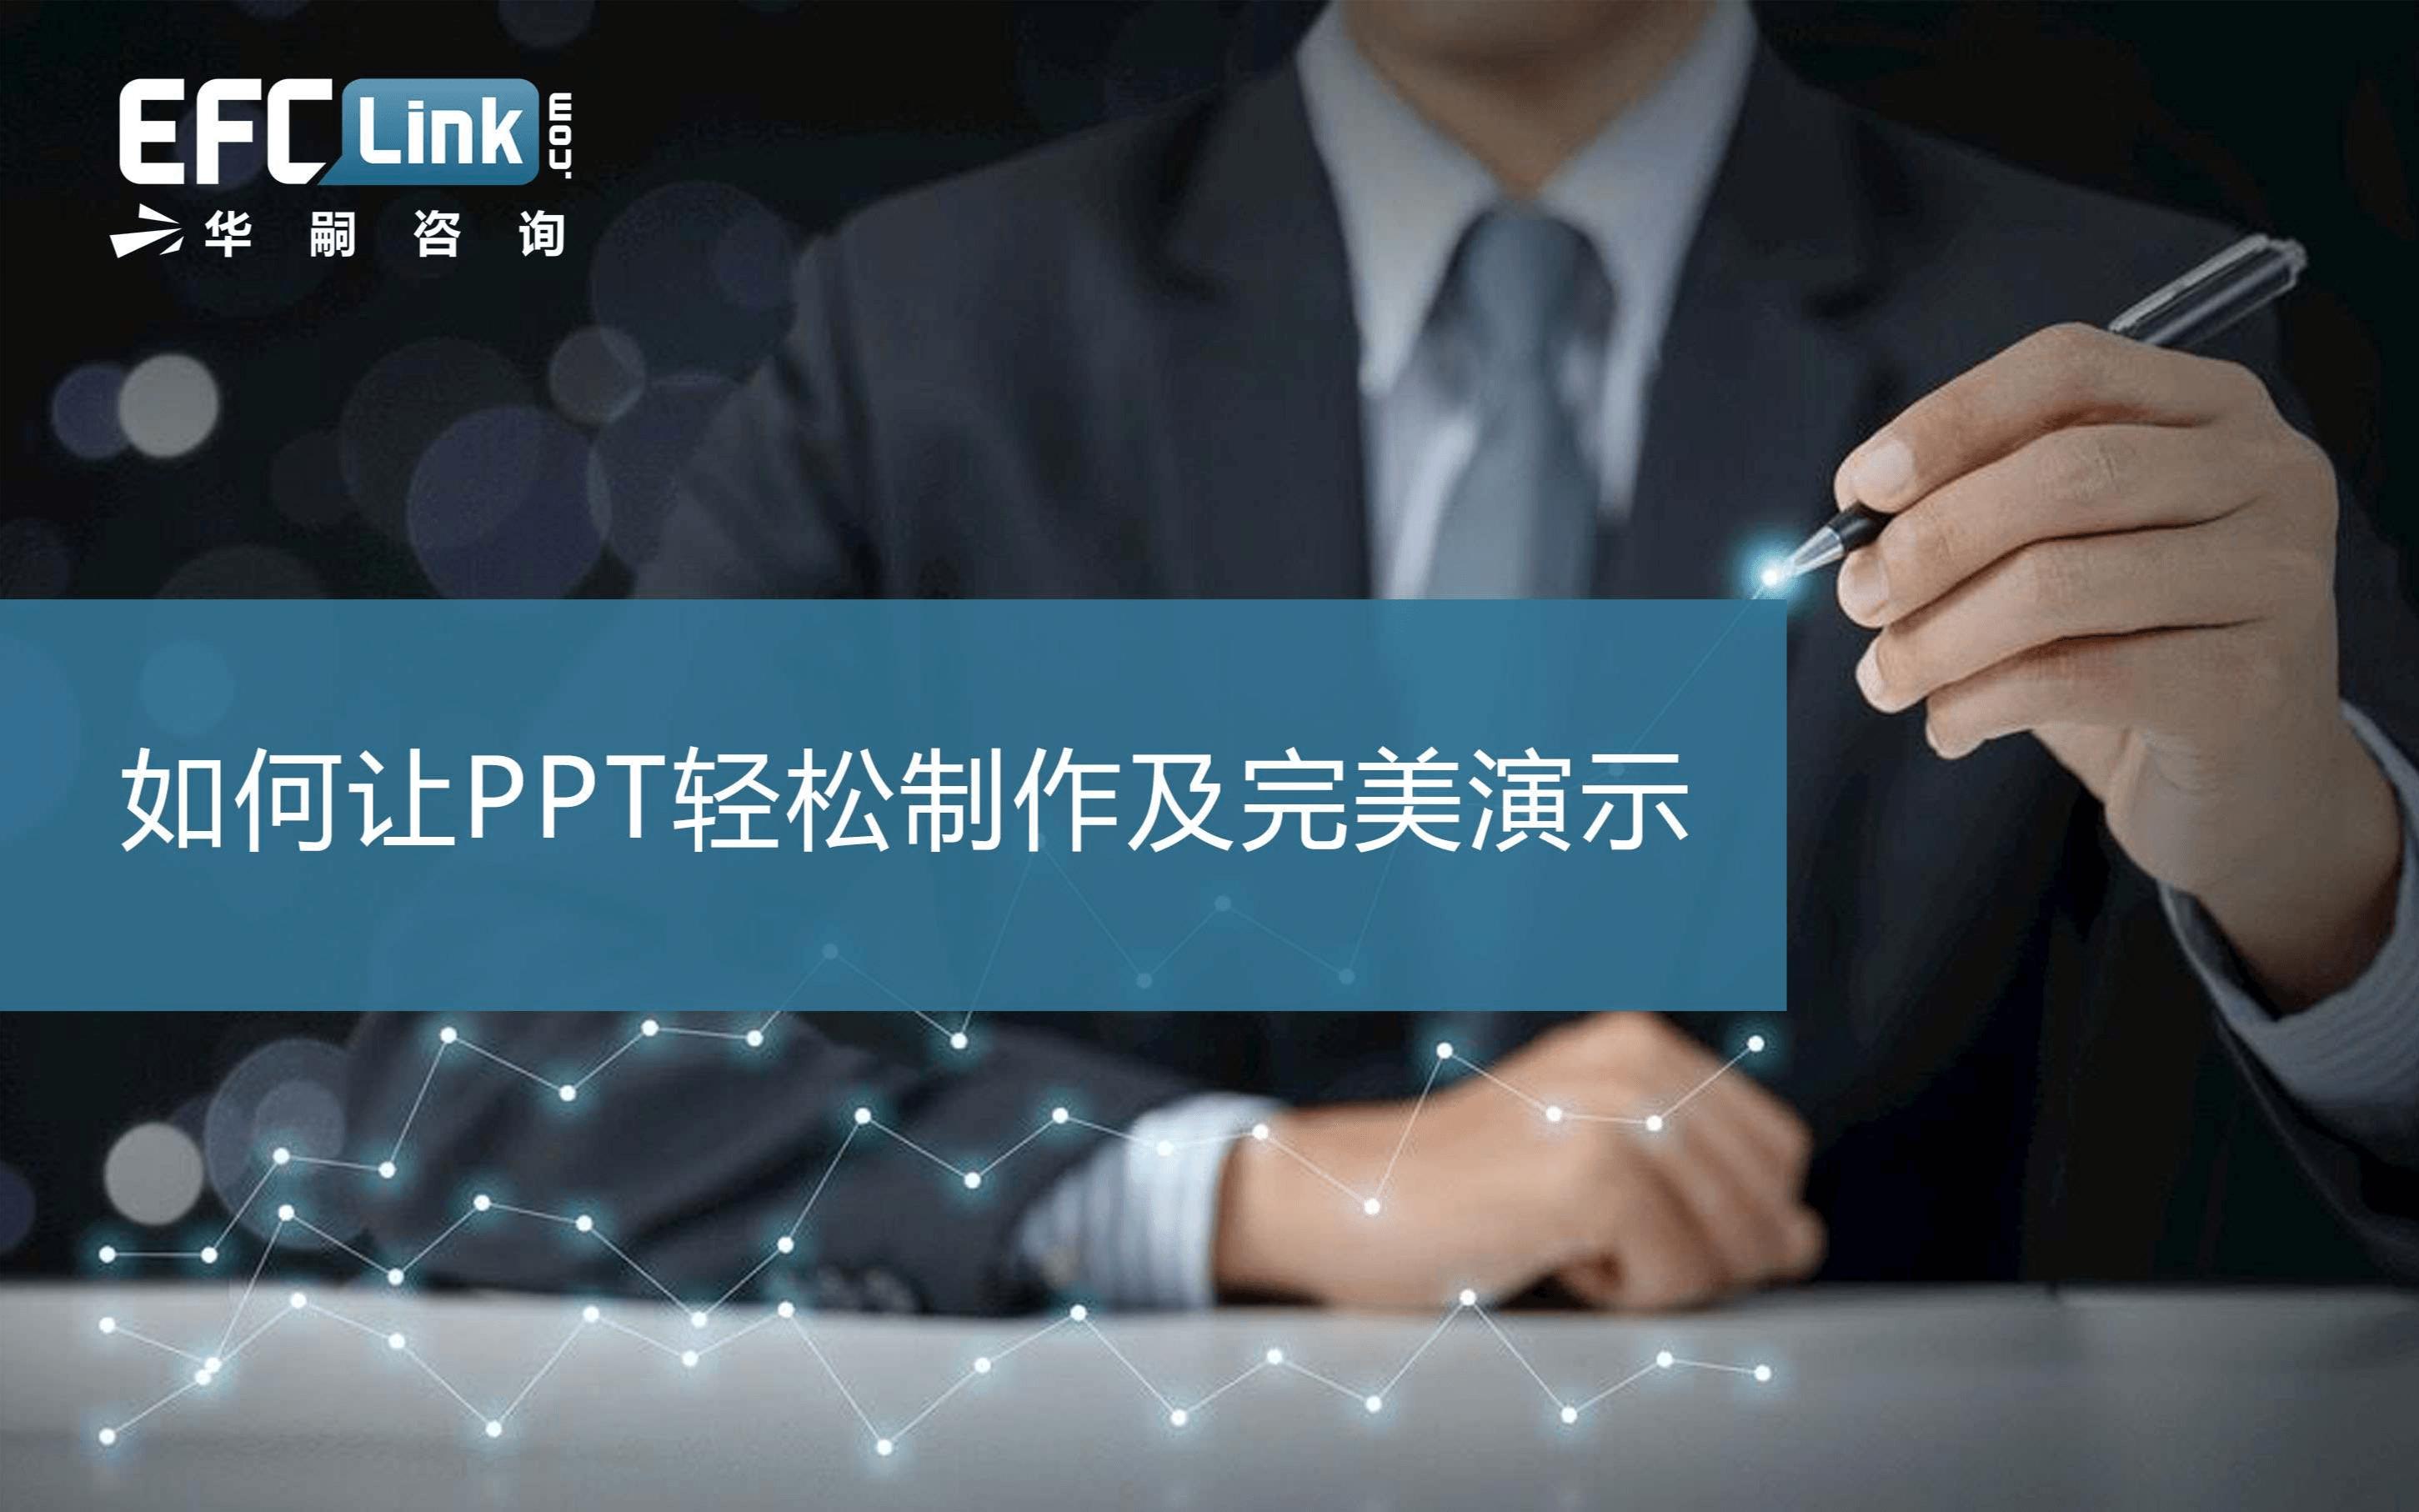 2020如何让PPT轻松制作及完美演示(深圳-12月23日)